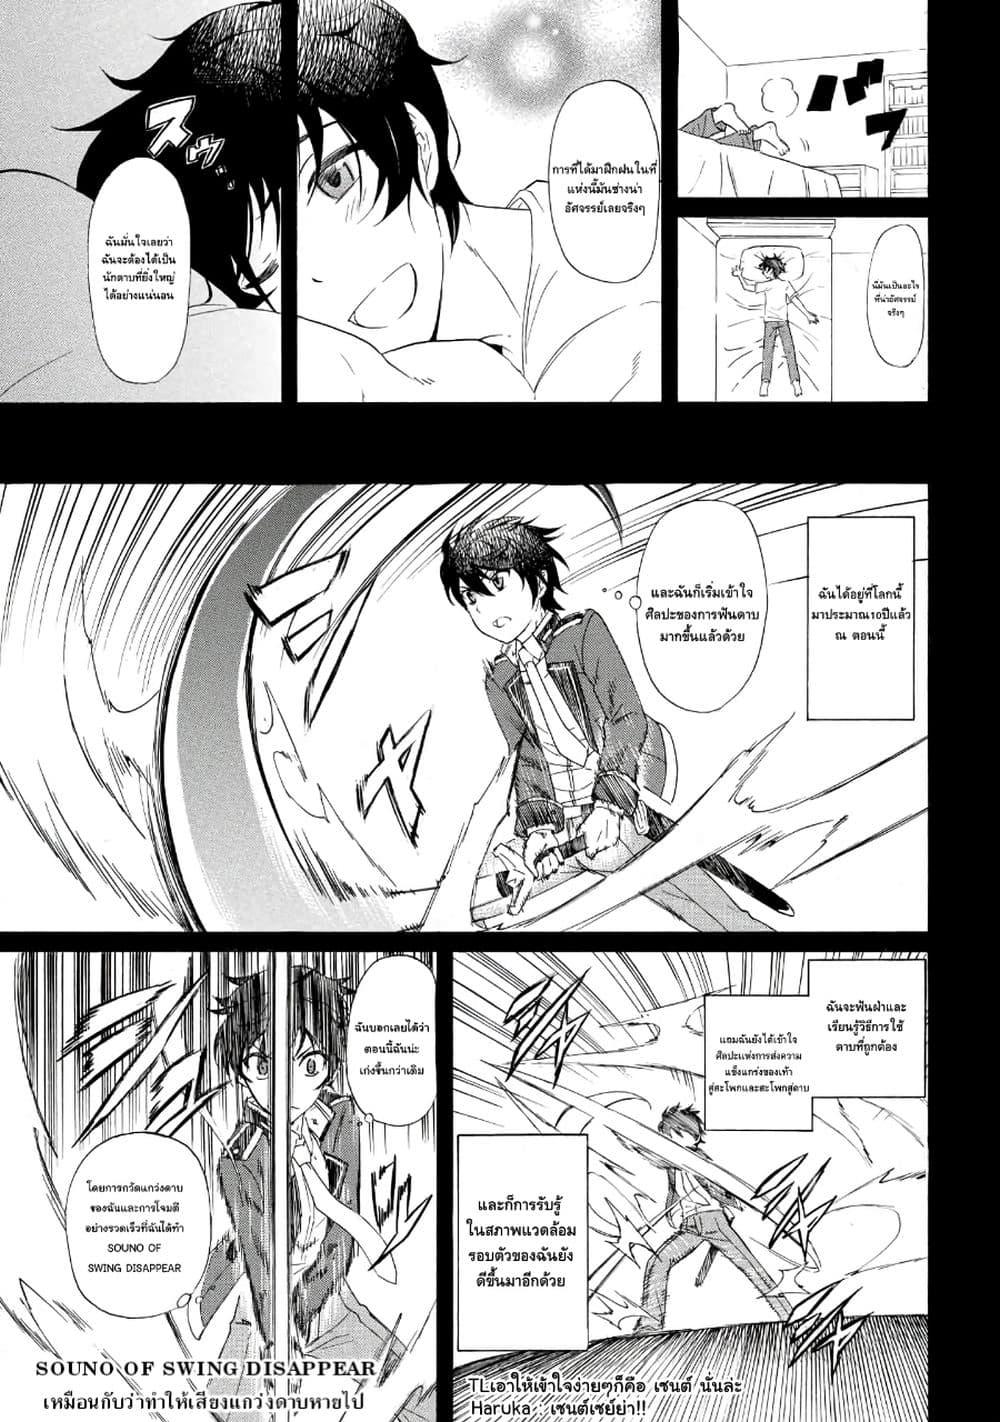 อ่านการ์ตูน Ichioku-nen Button o Renda Shita Ore wa Kizuitara Saikyou ni Natteita ตอนที่ 1.3 หน้าที่ 5